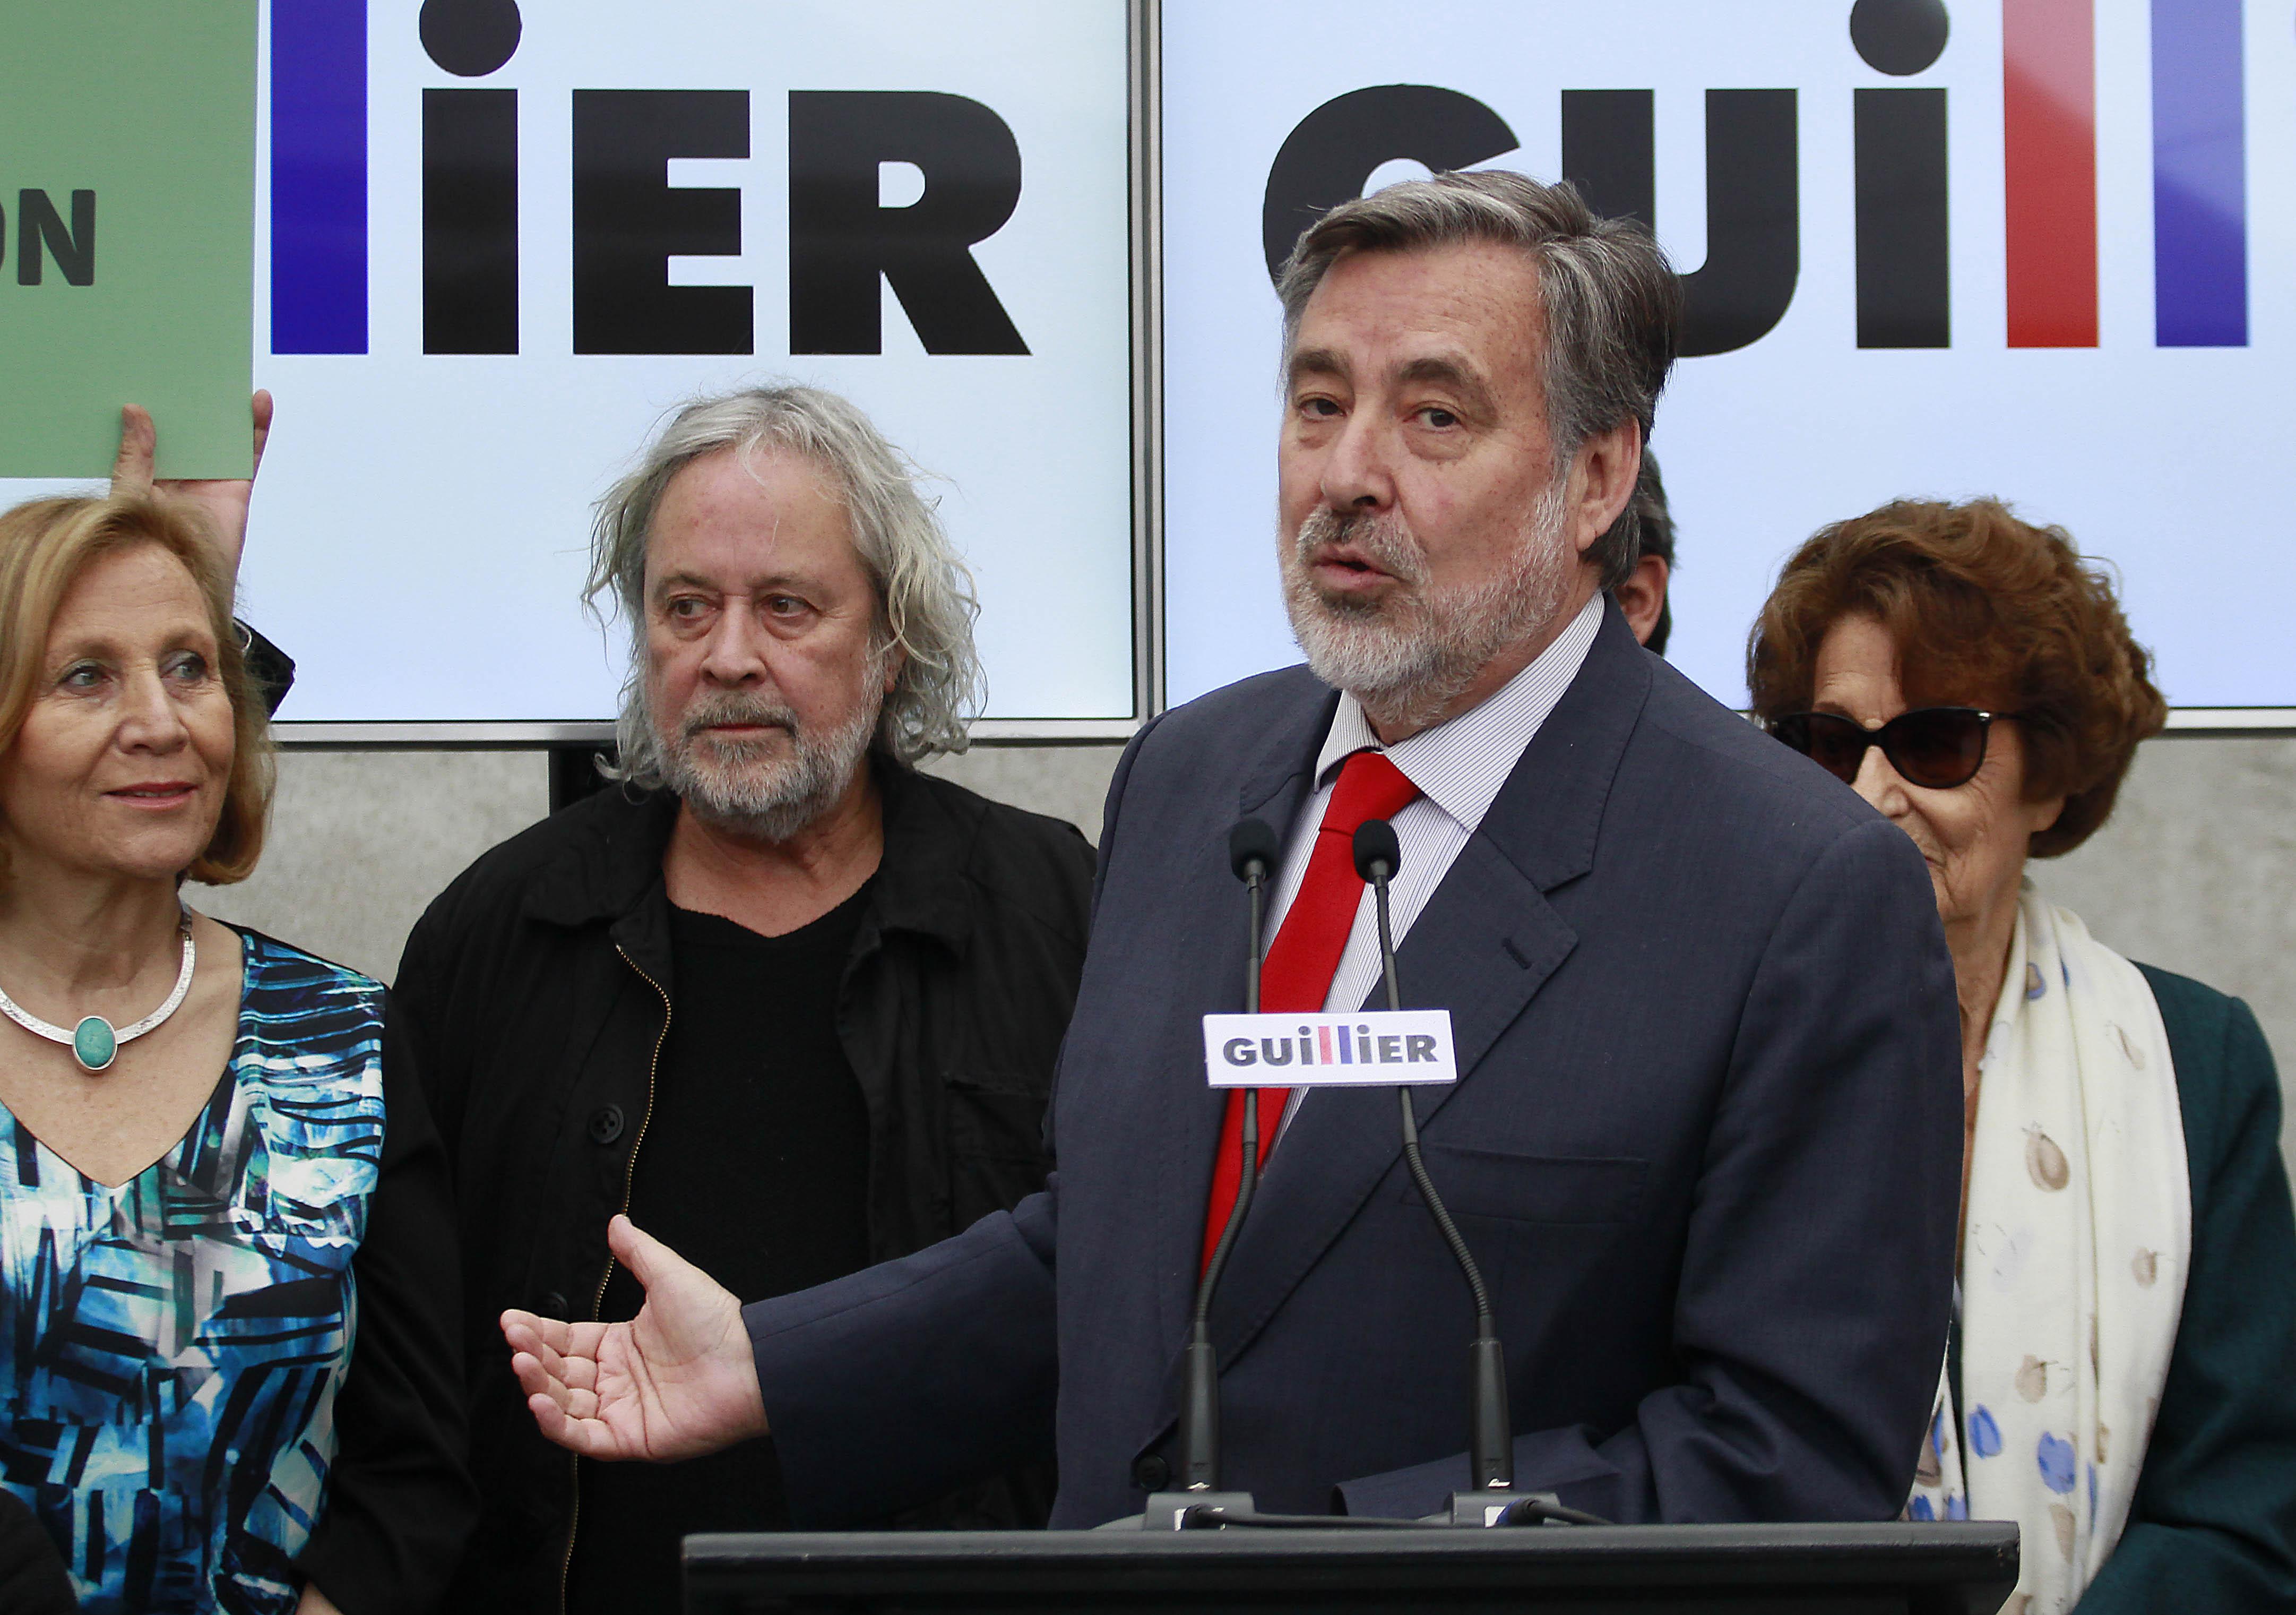 Los integrantes de la red de ciudadanos de Guillier